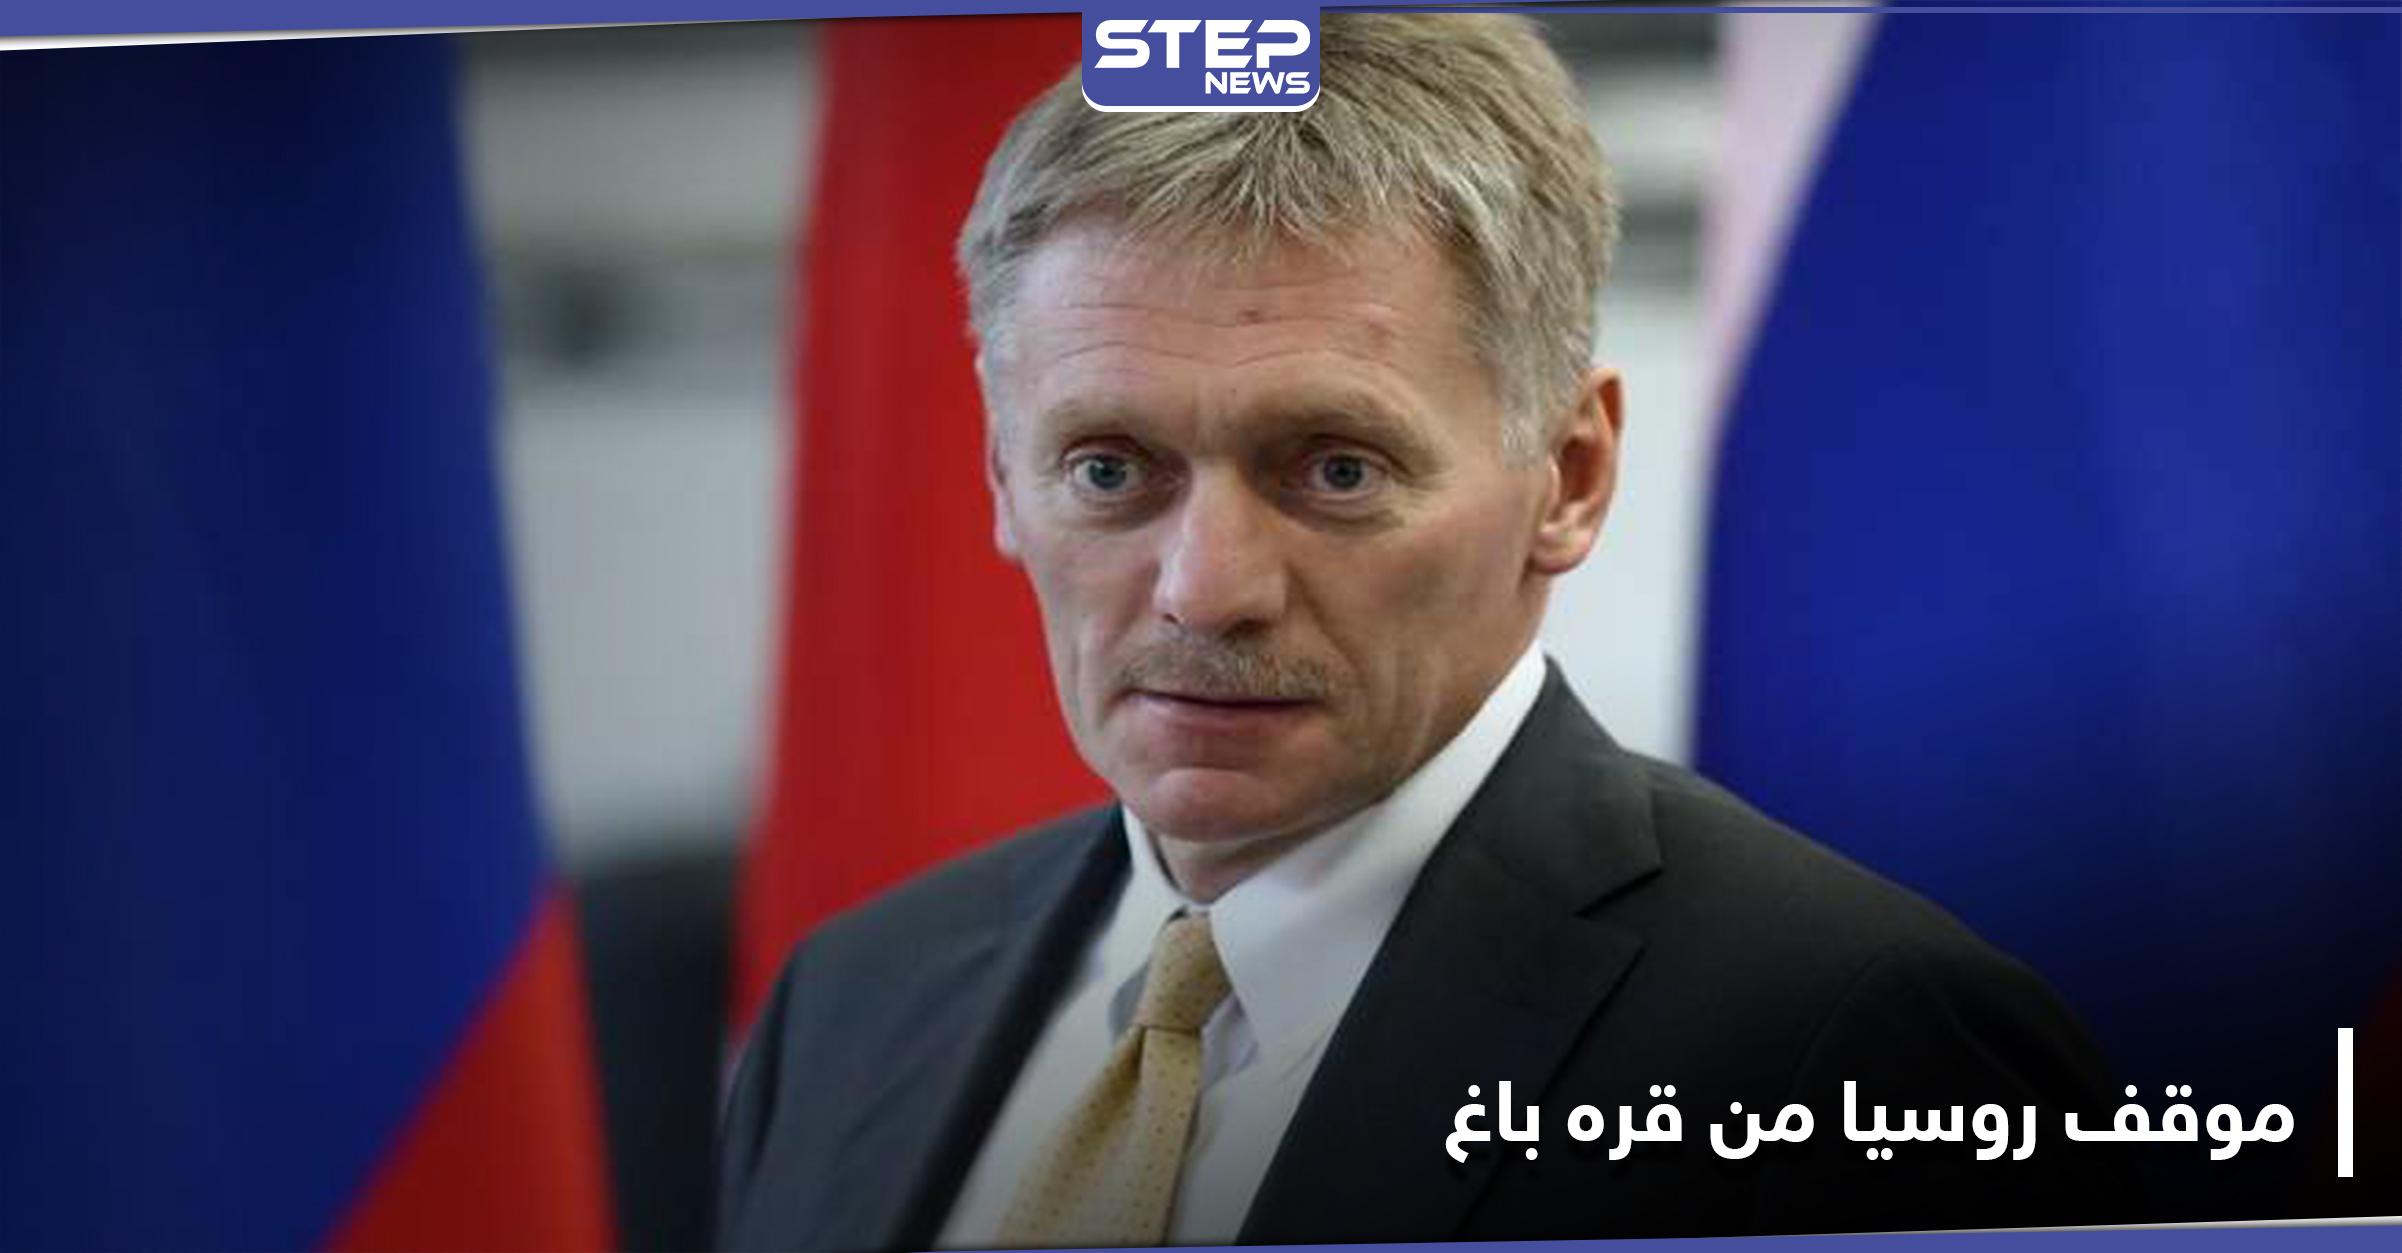 أول موقف رسمي روسي من وجود المرتزقة السوريين في منطقة النزاع قره باغ